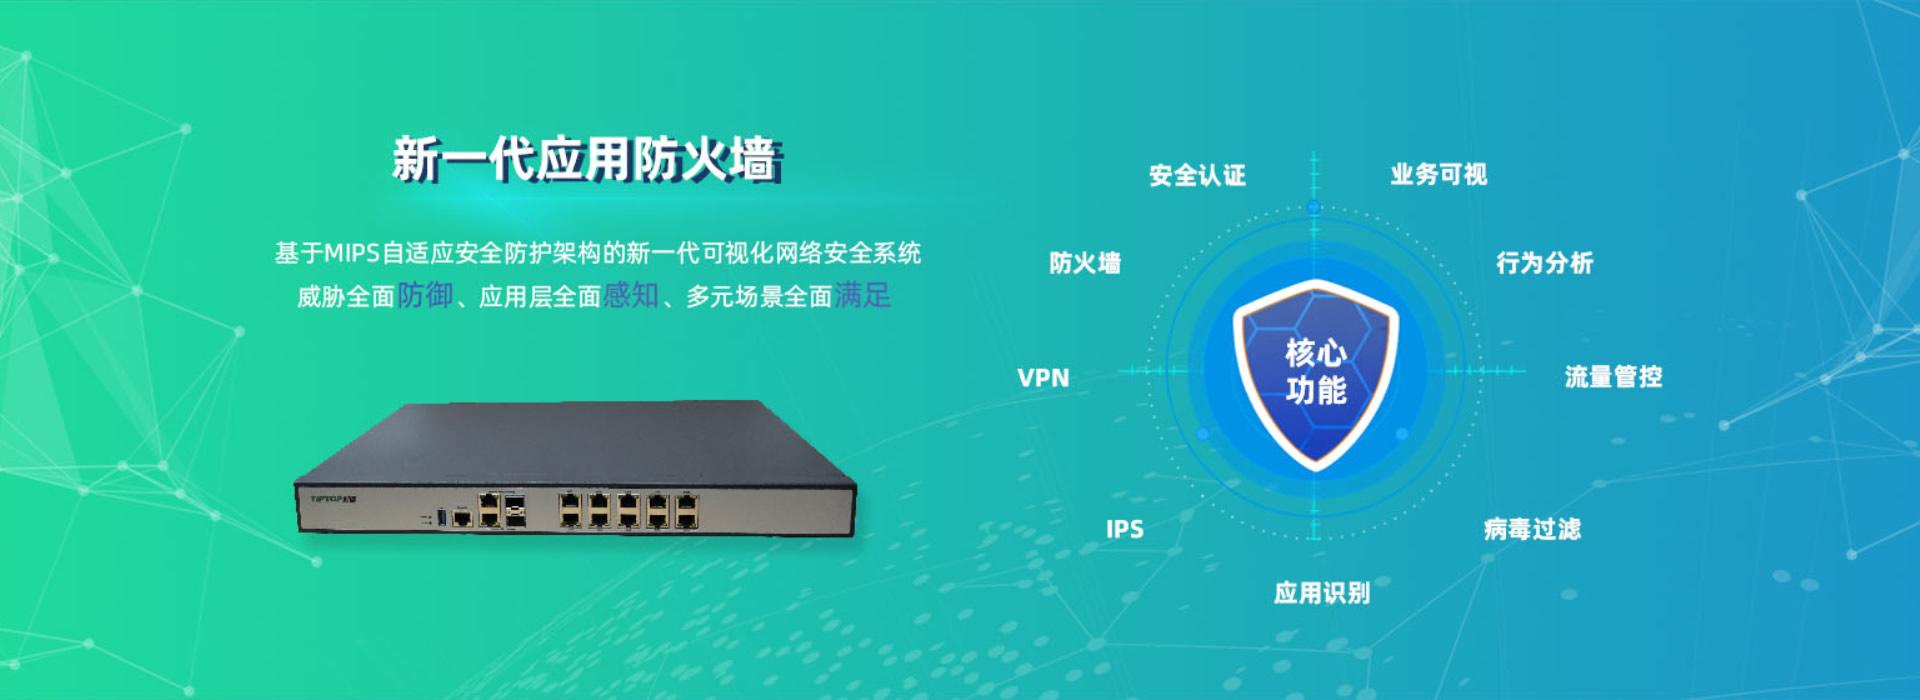 深圳数据库审计系统